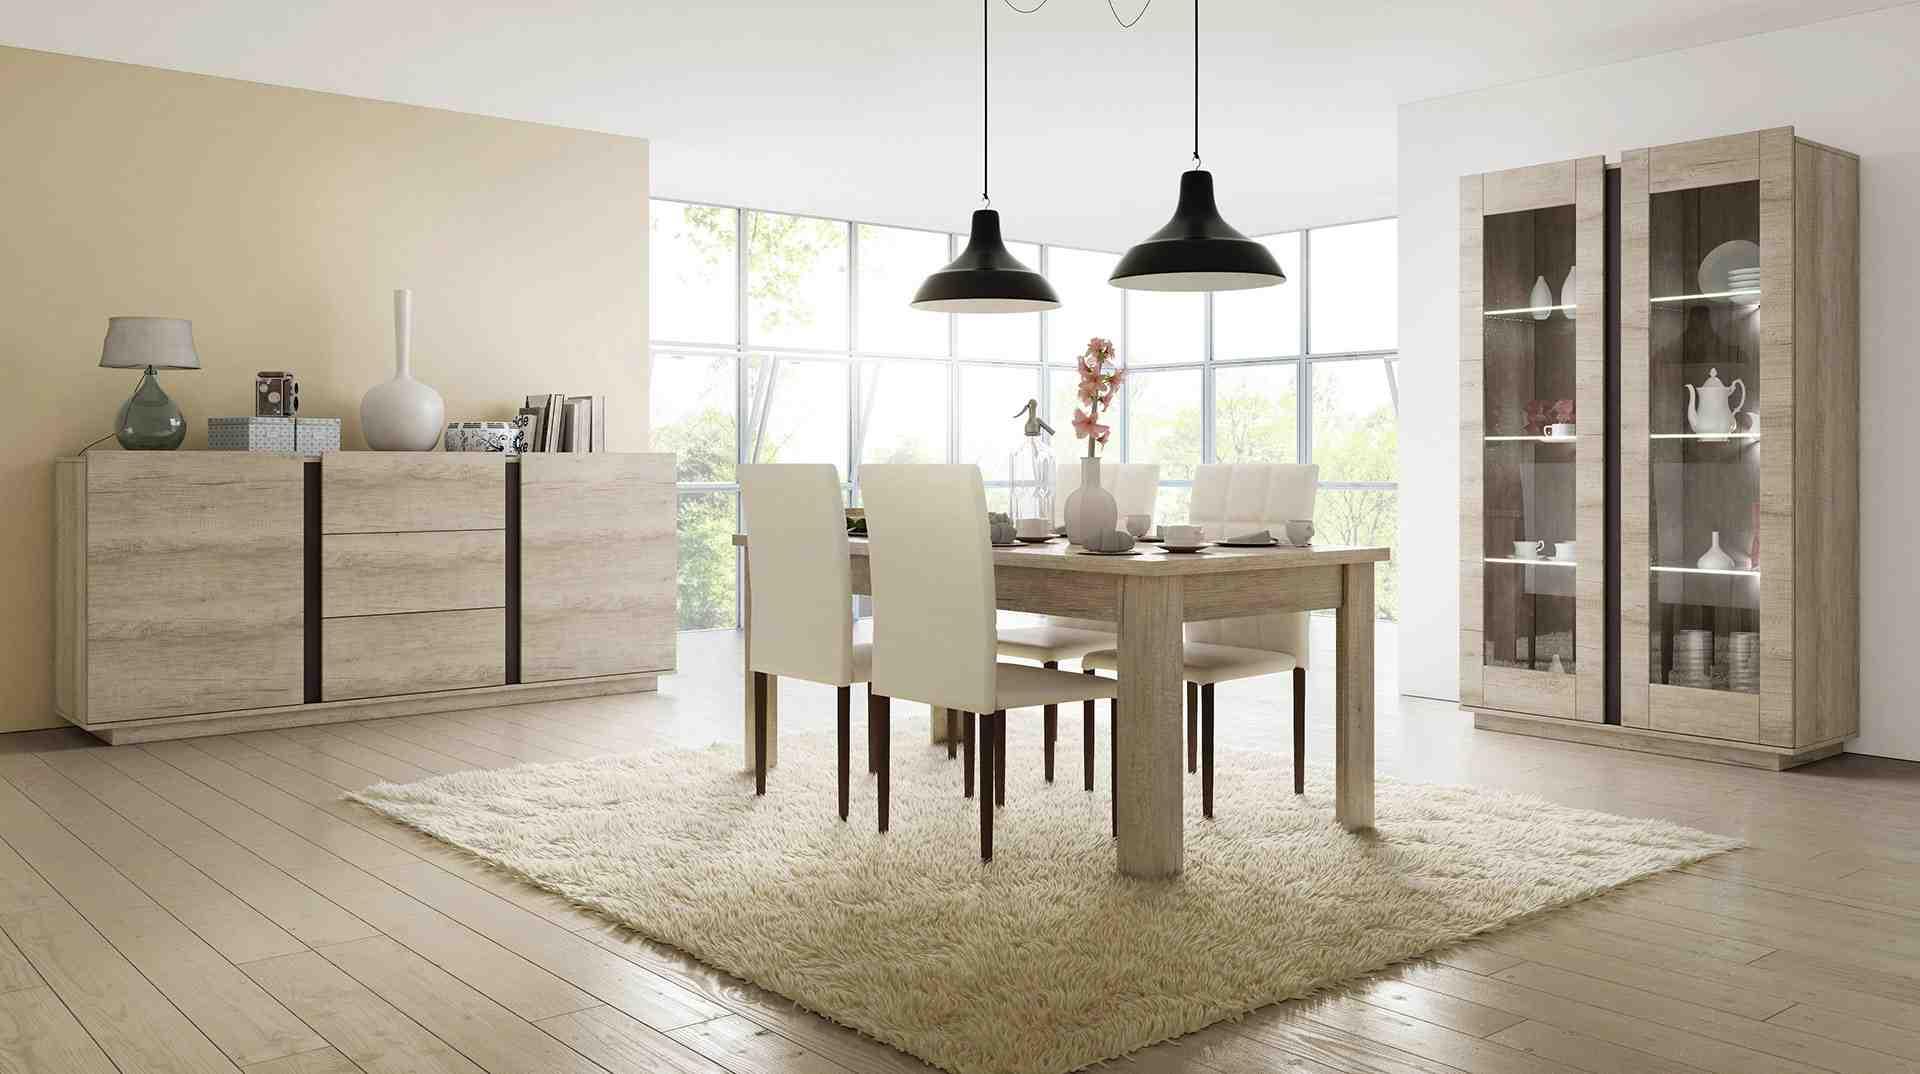 Comment meubler votre maison à moindre coût?